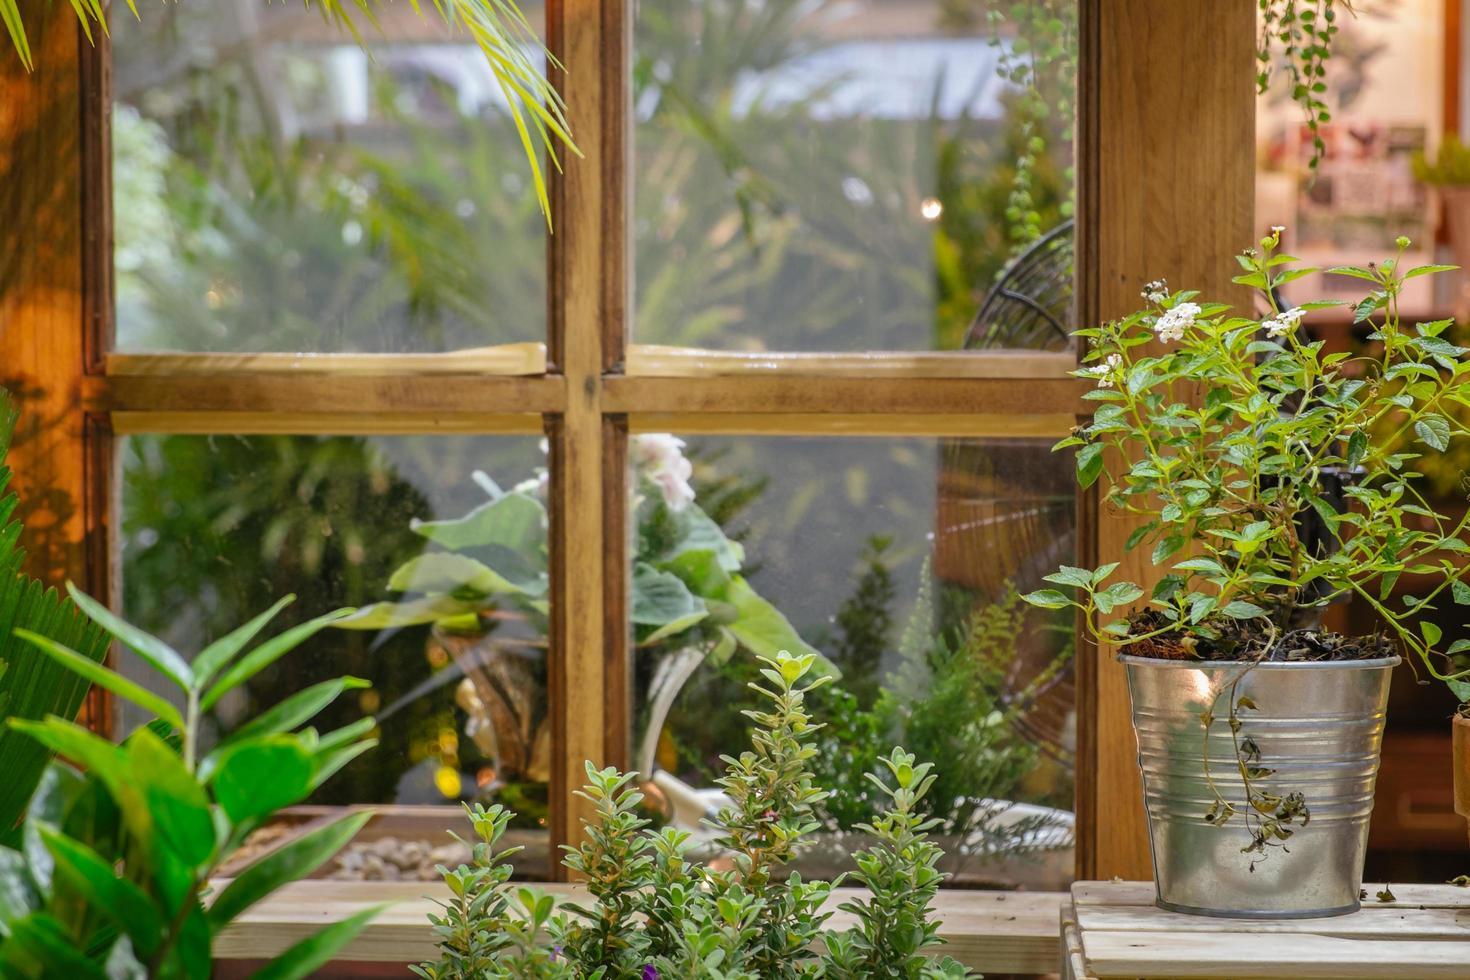 piante verdi in un giardino con la vecchia finestra in legno d'epoca foto